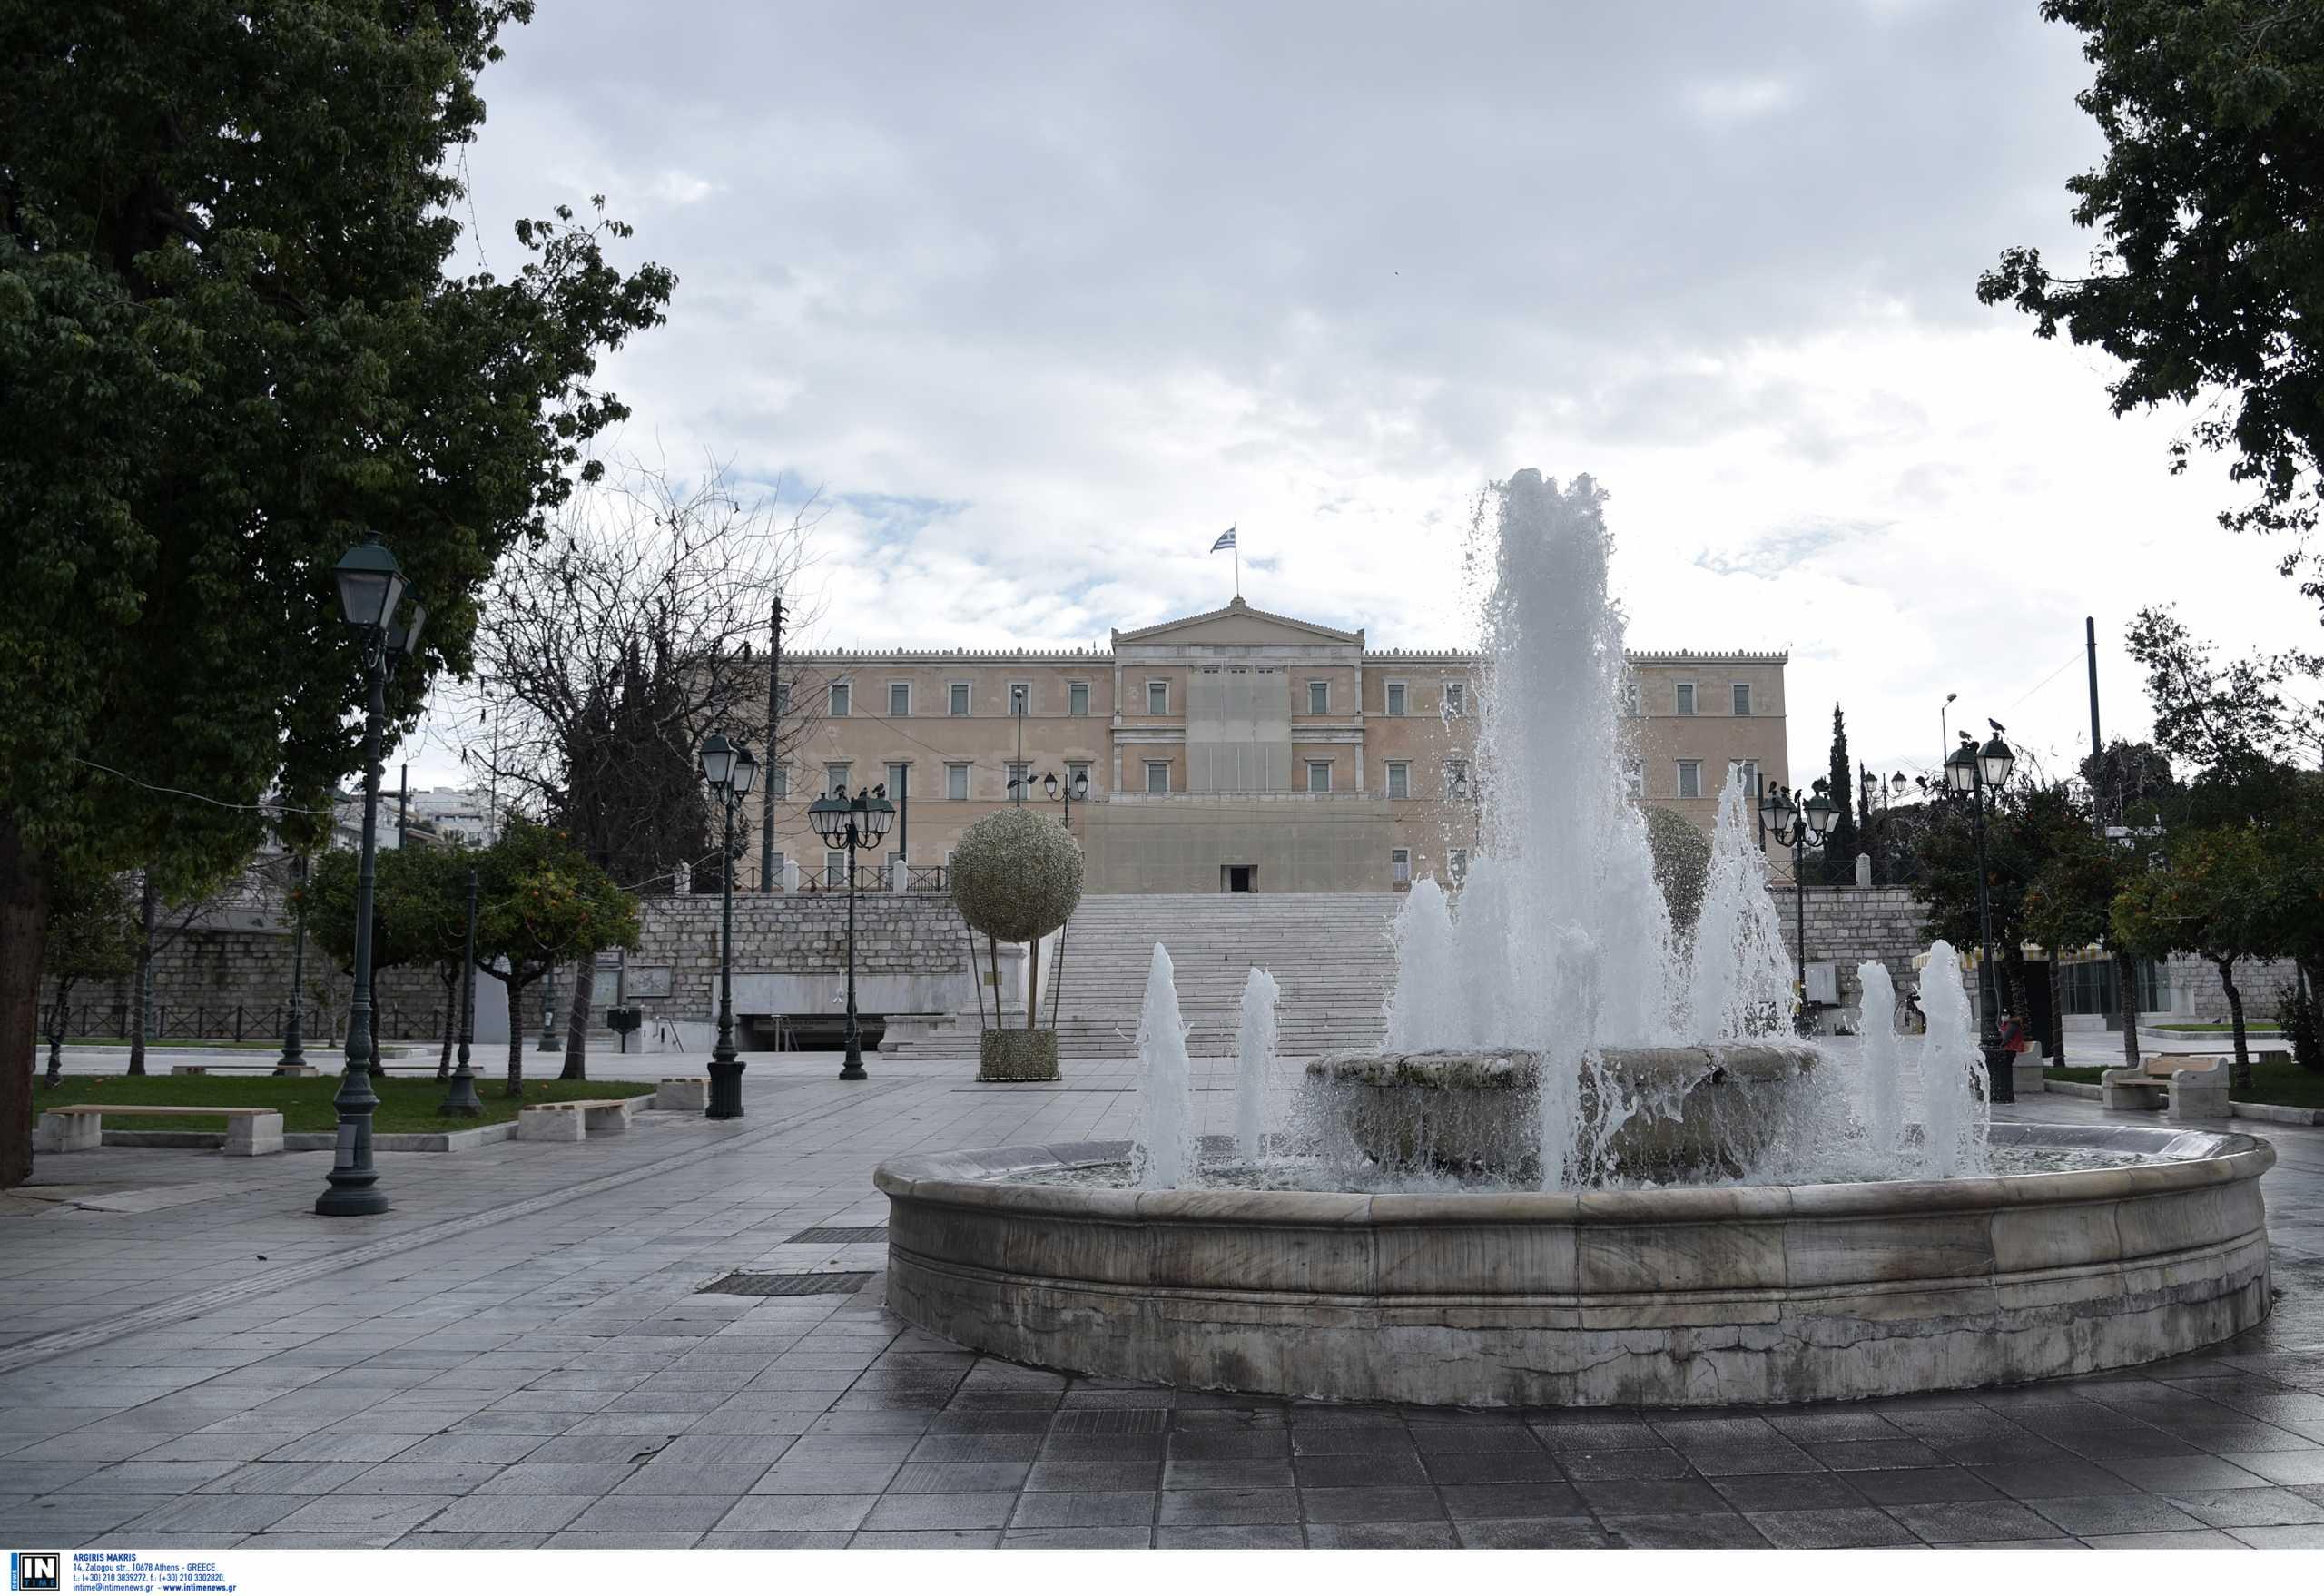 Αττική: «Βυθίζεται» στον κορονοϊό το κέντρο της Αθήνας – Πού βρέθηκαν τα 612 νέα κρούσματα